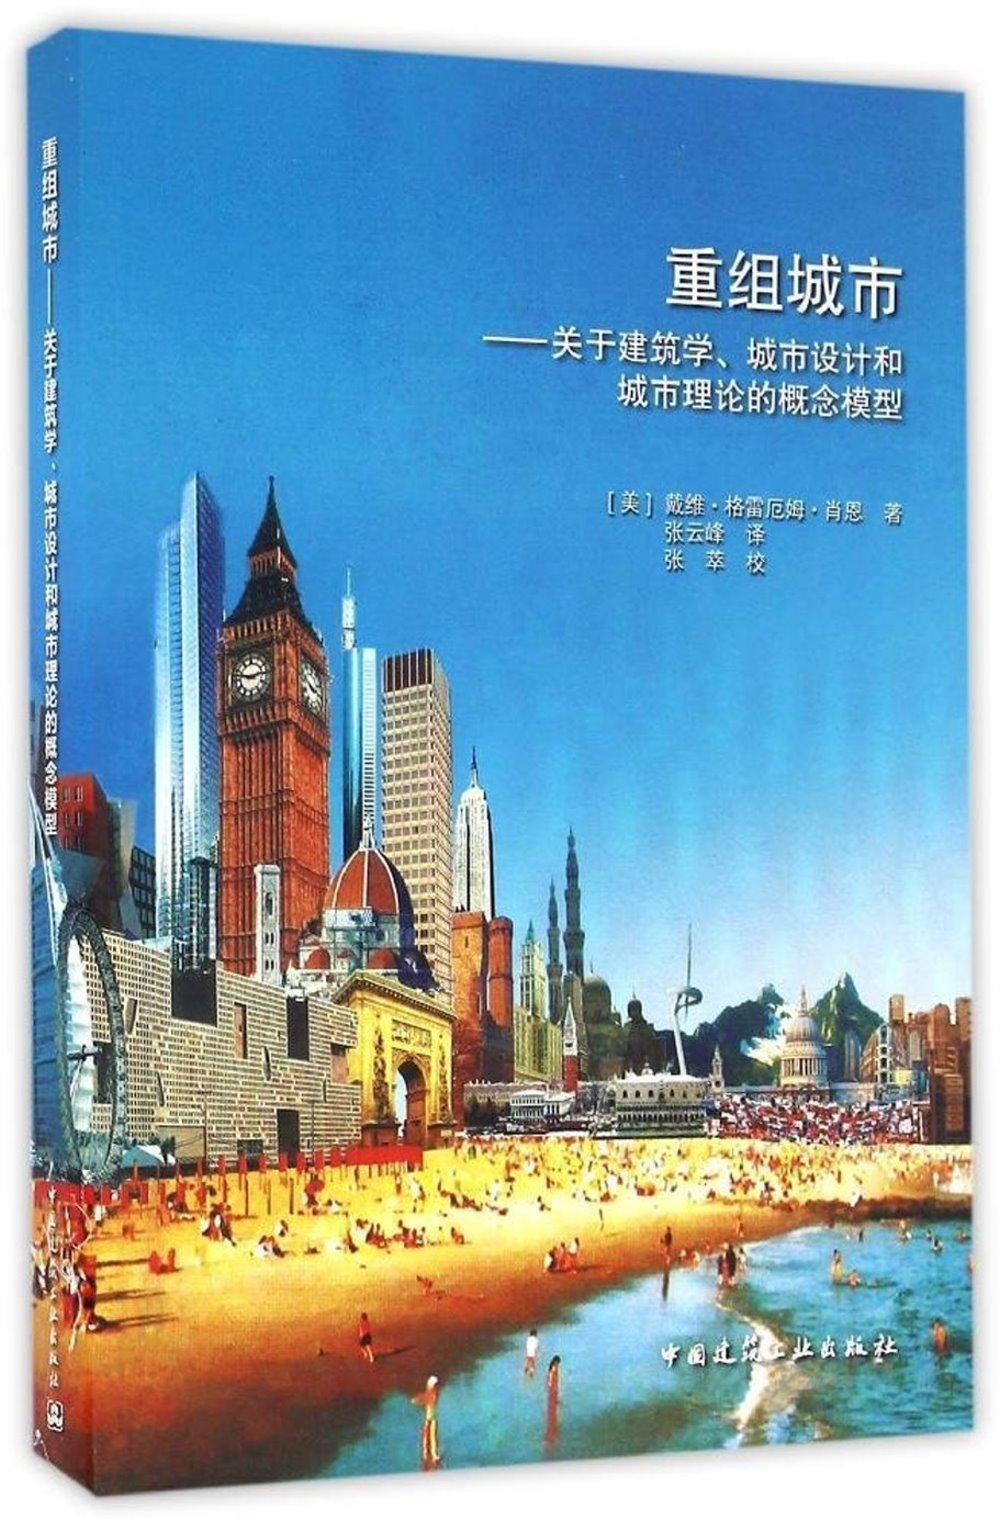 重組城市--關於建築學、城市設計和城市理論的概念模型